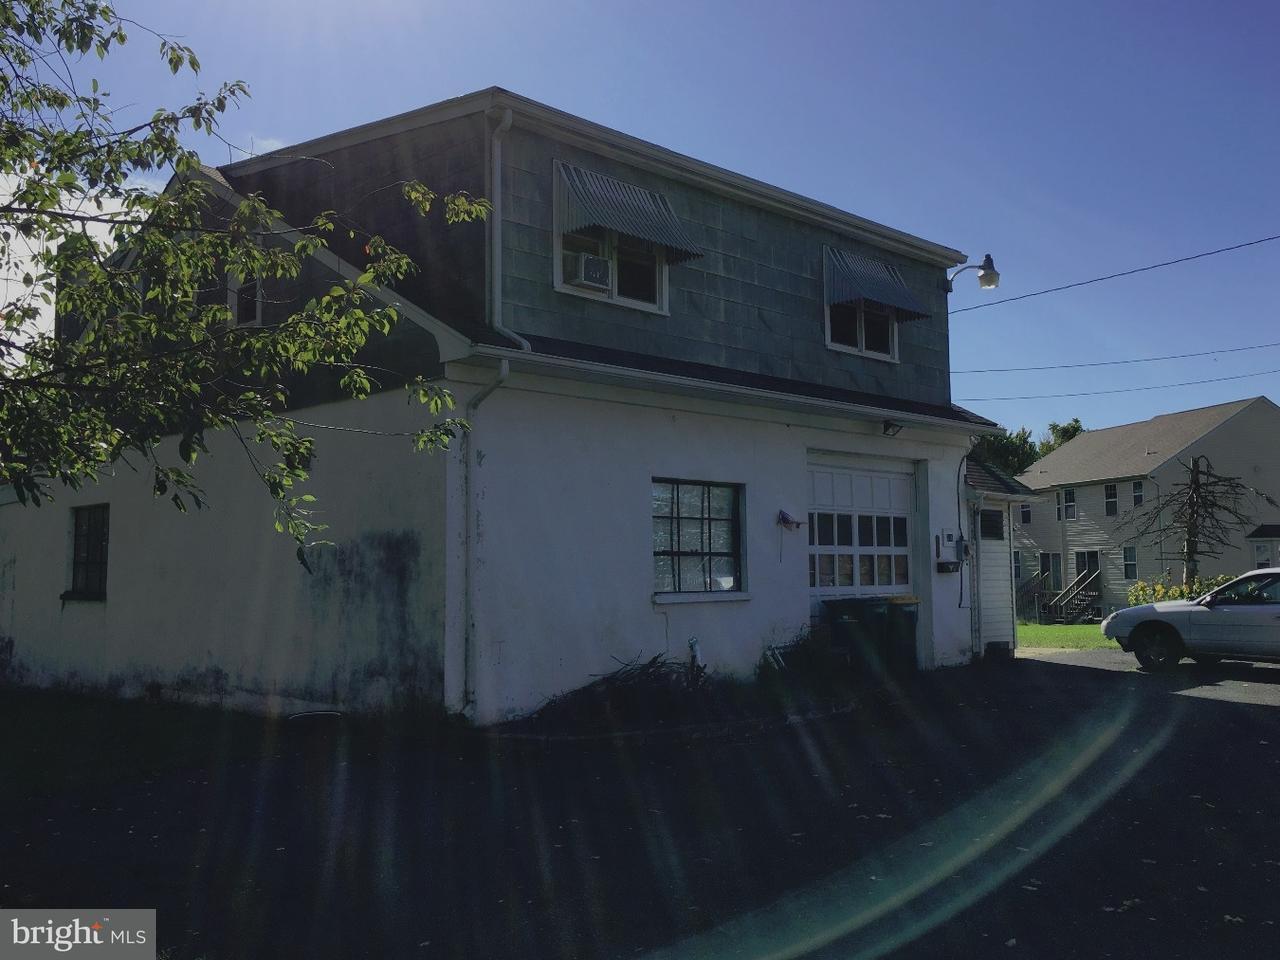 Частный односемейный дом для того Продажа на 316 BITTING ALY Red Hill, Пенсильвания 18076 Соединенные Штаты